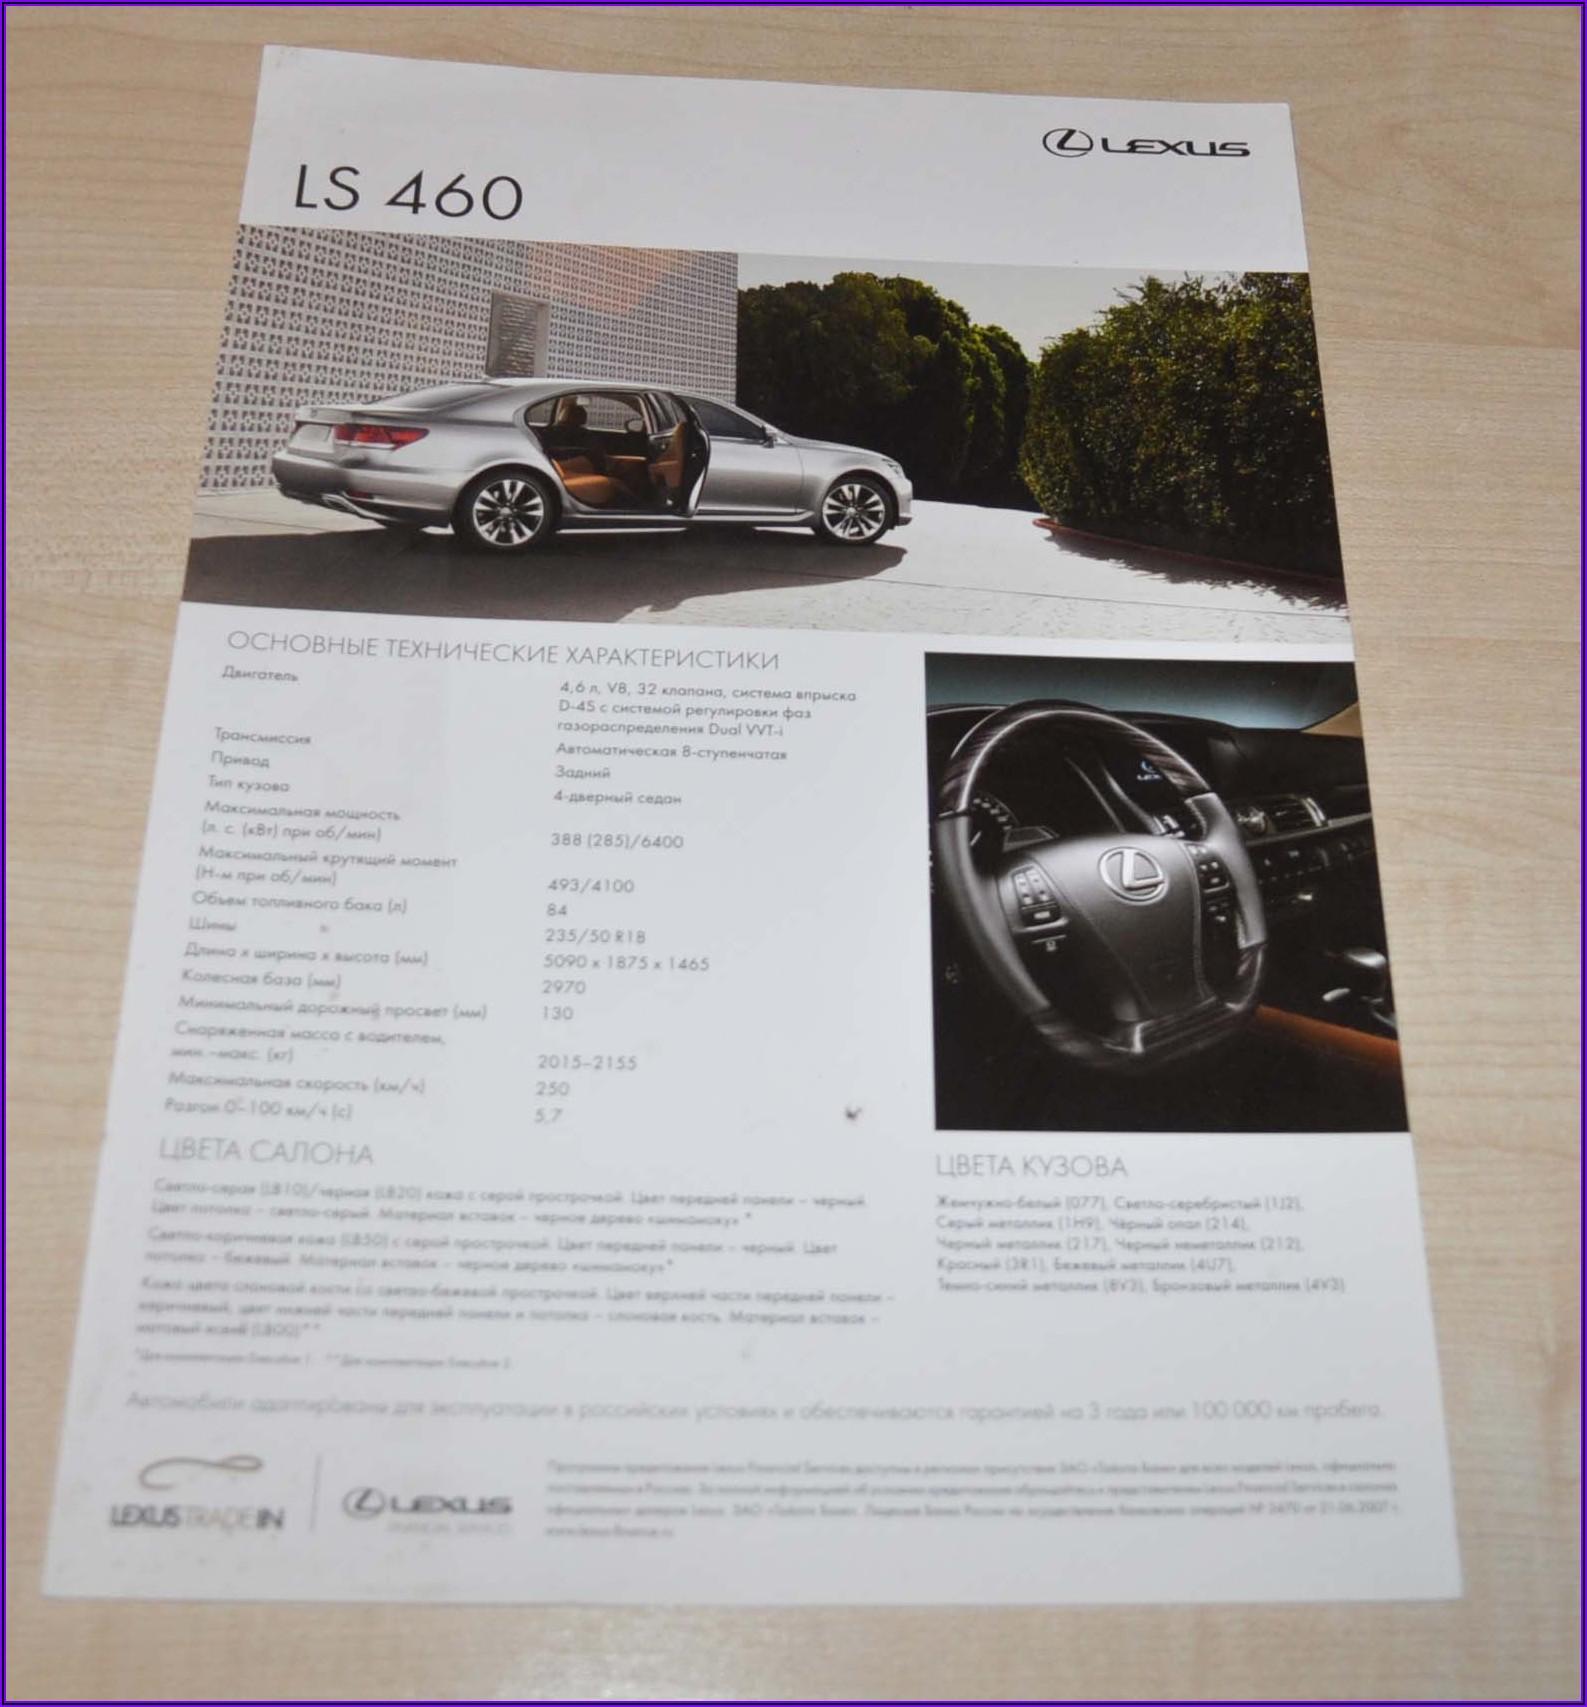 Lexus Ls 460 Brochure